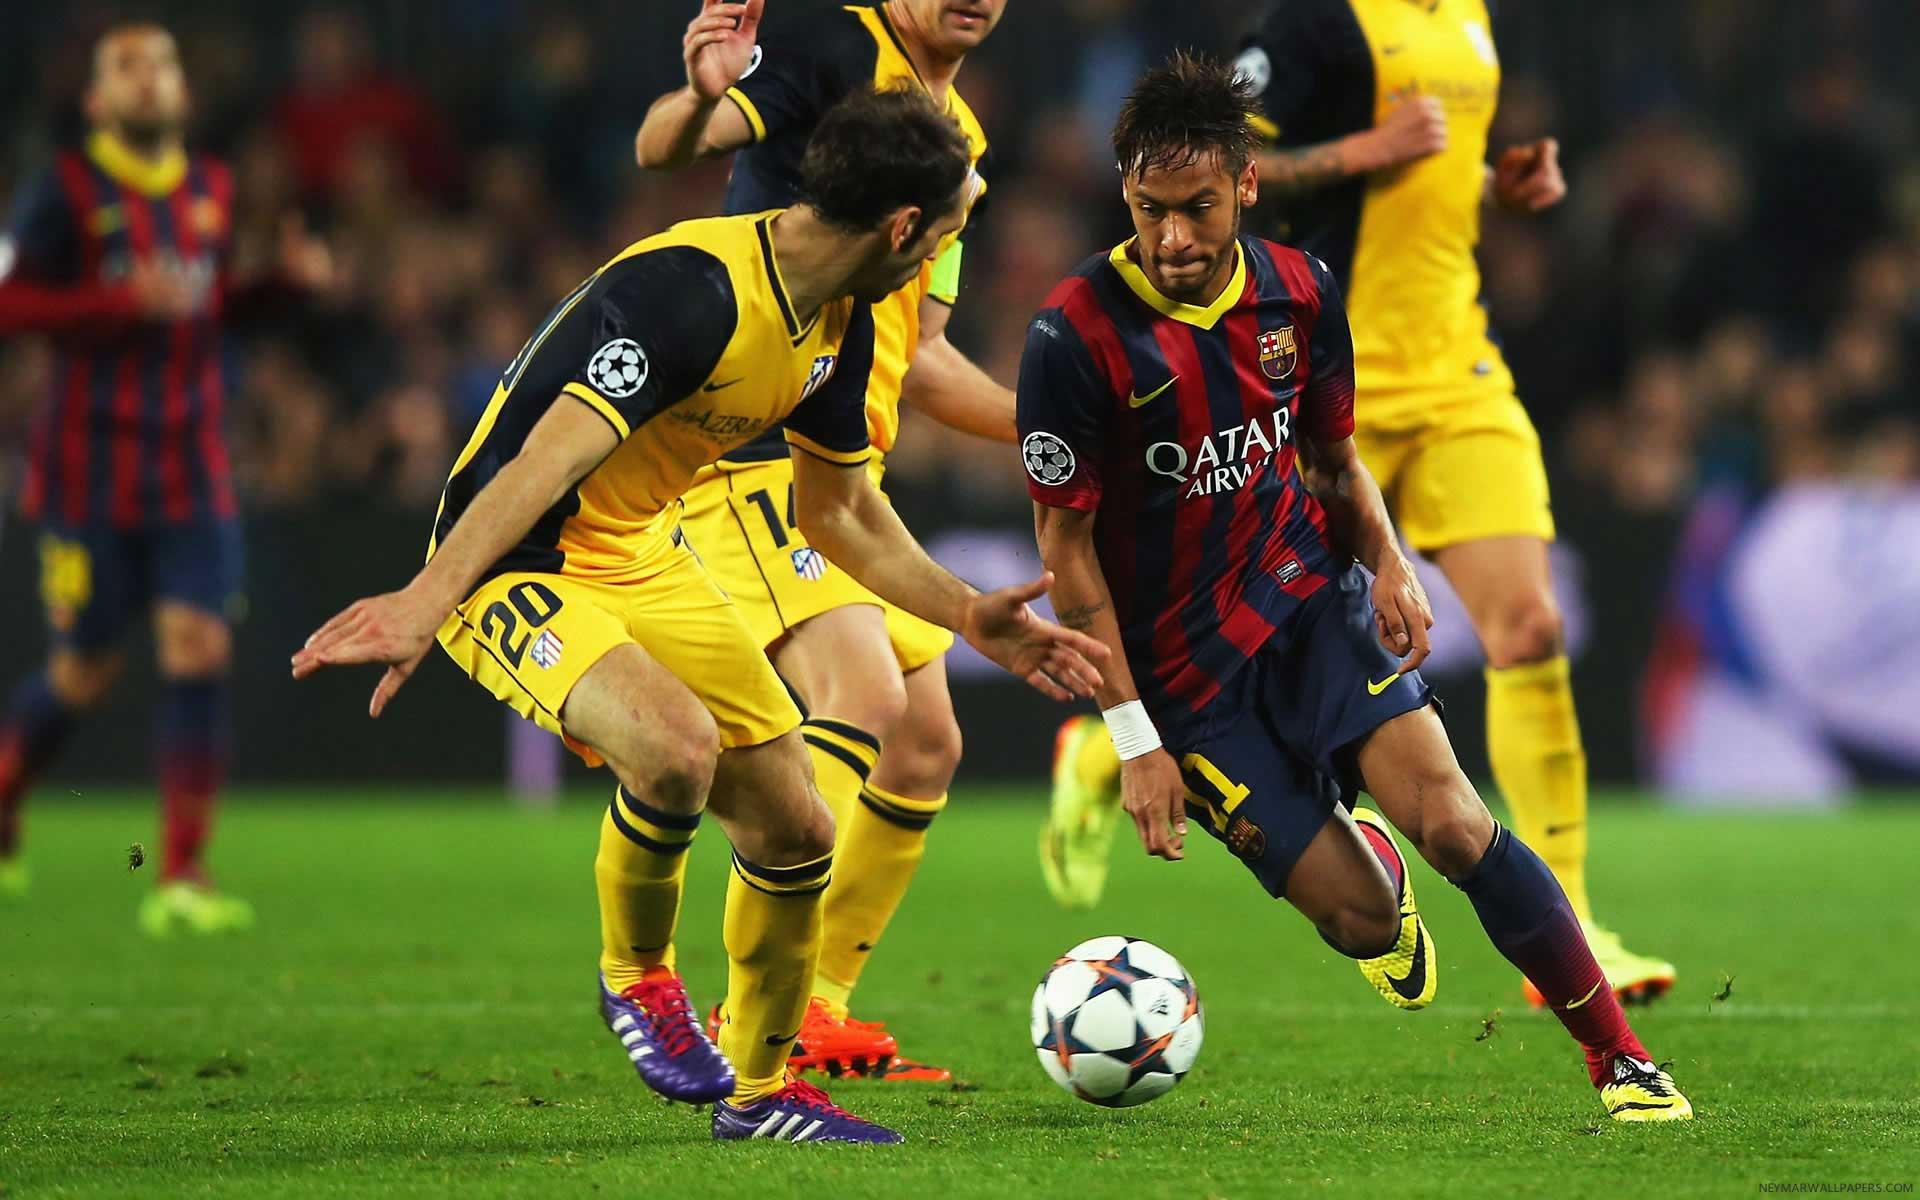 Calendrier Betclic.Betclic Foot En Direct Calendrier Football Et Sports